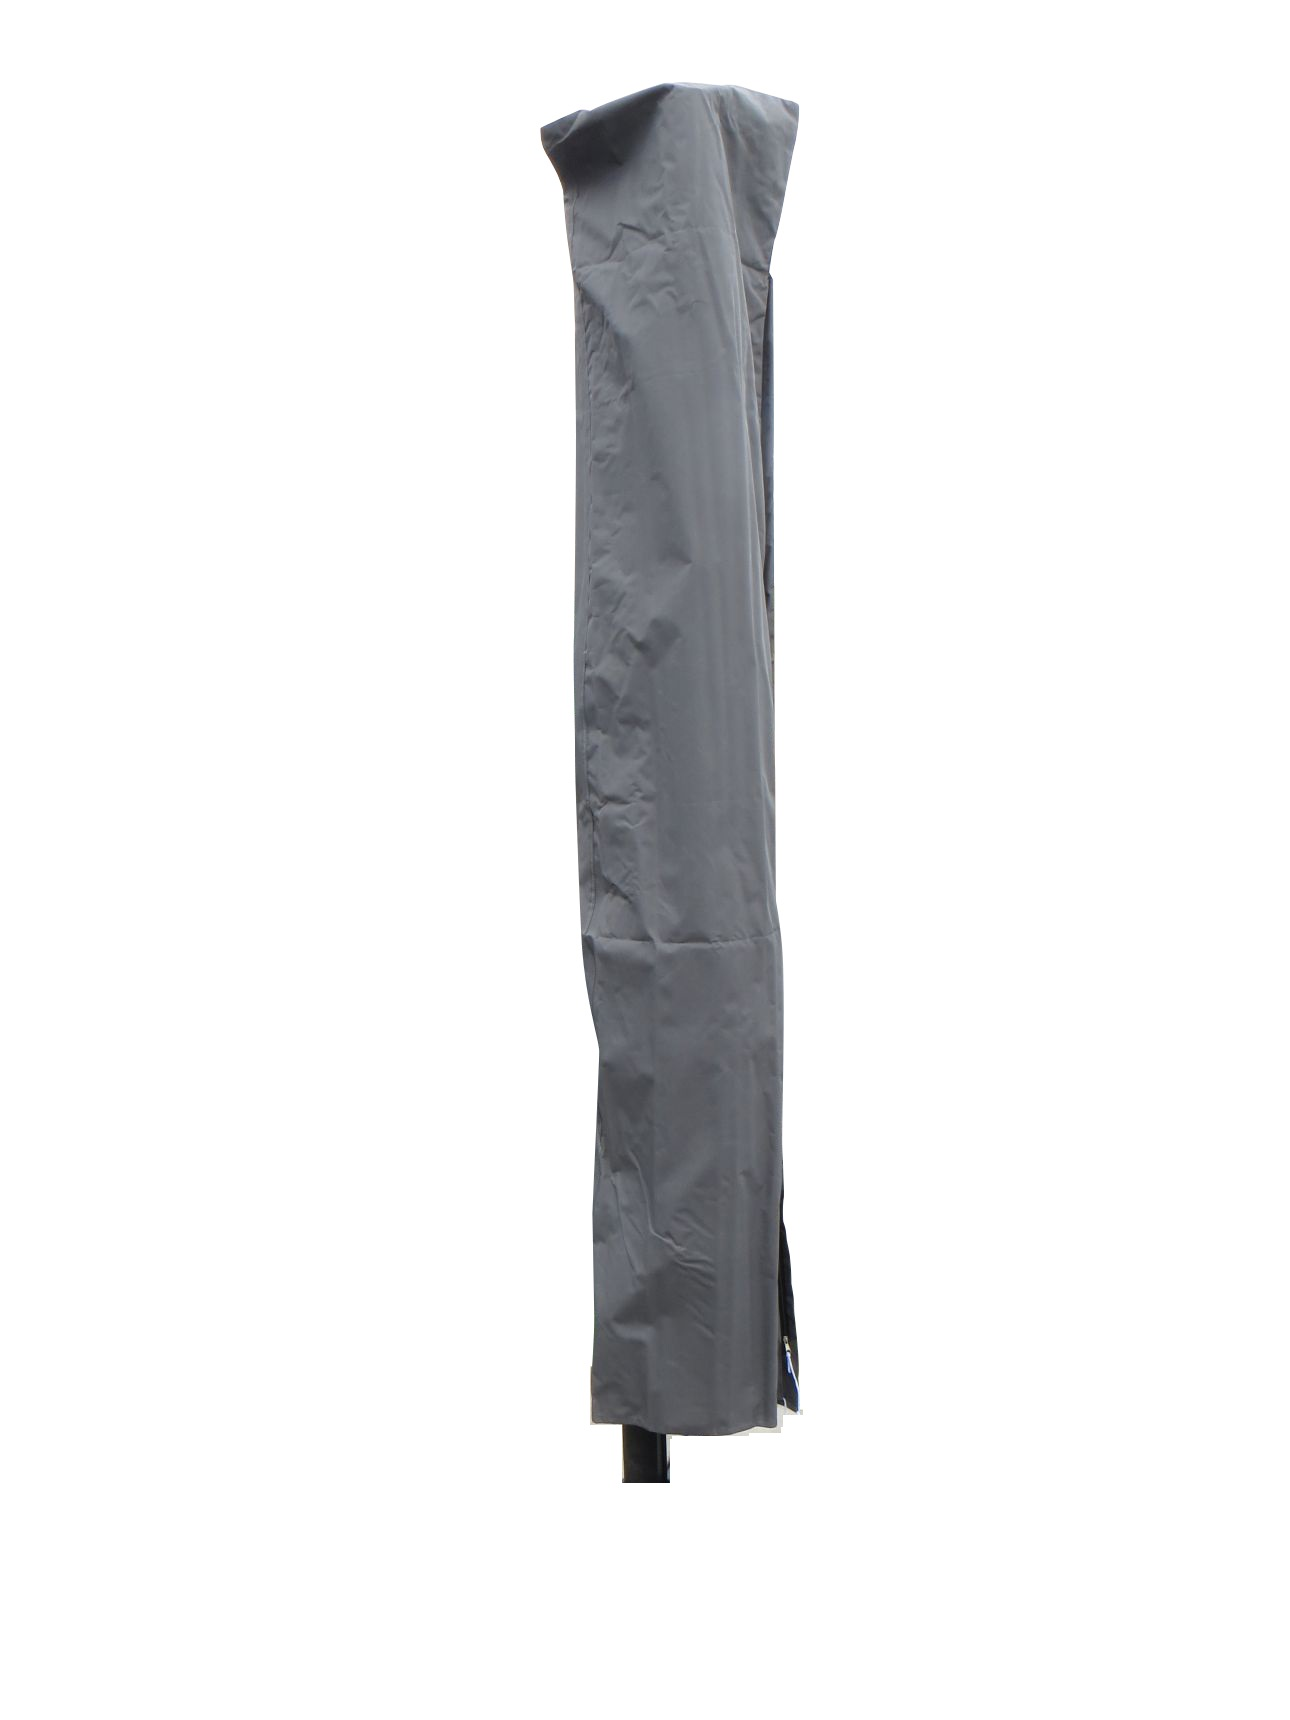 xxl schutzh lle mit stab f r ampel sonnenschirme 2 schutzh llen garten. Black Bedroom Furniture Sets. Home Design Ideas